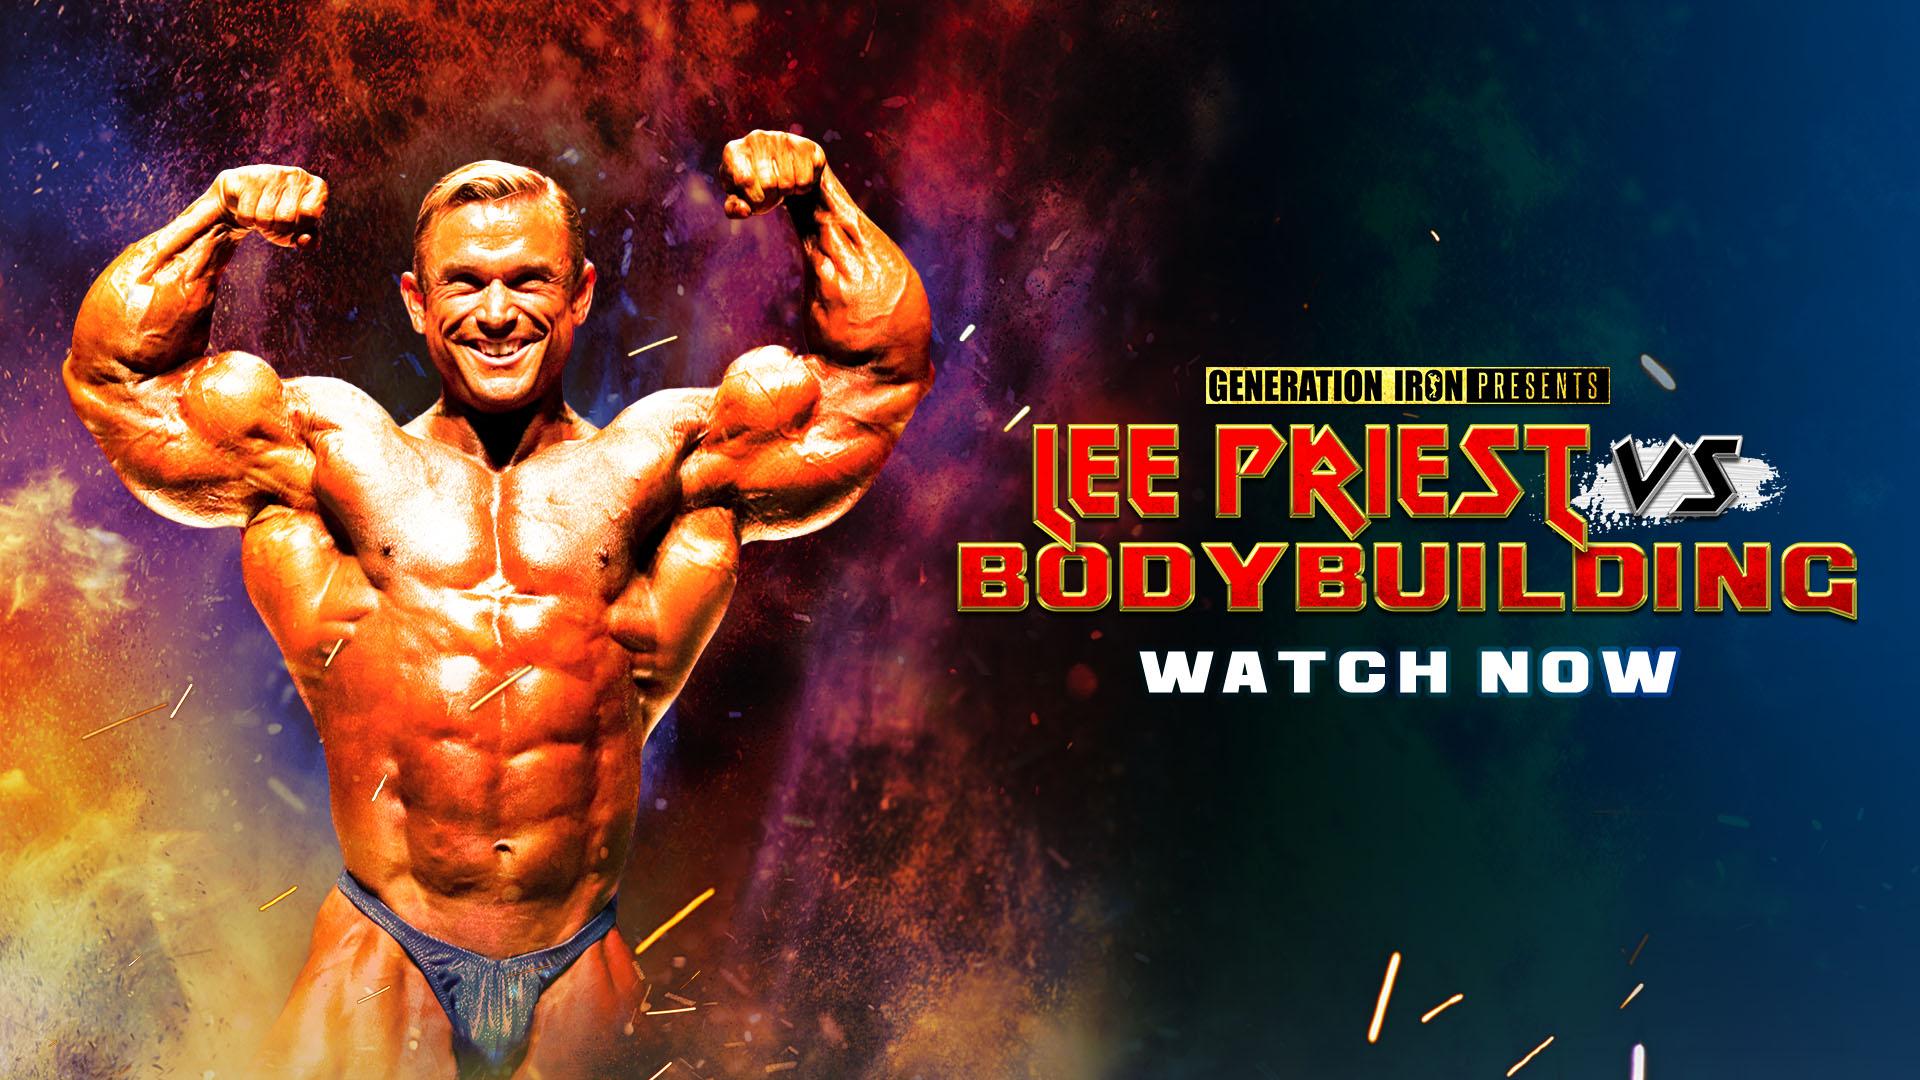 Lee Priest Vs Bodybuilding Watch Now